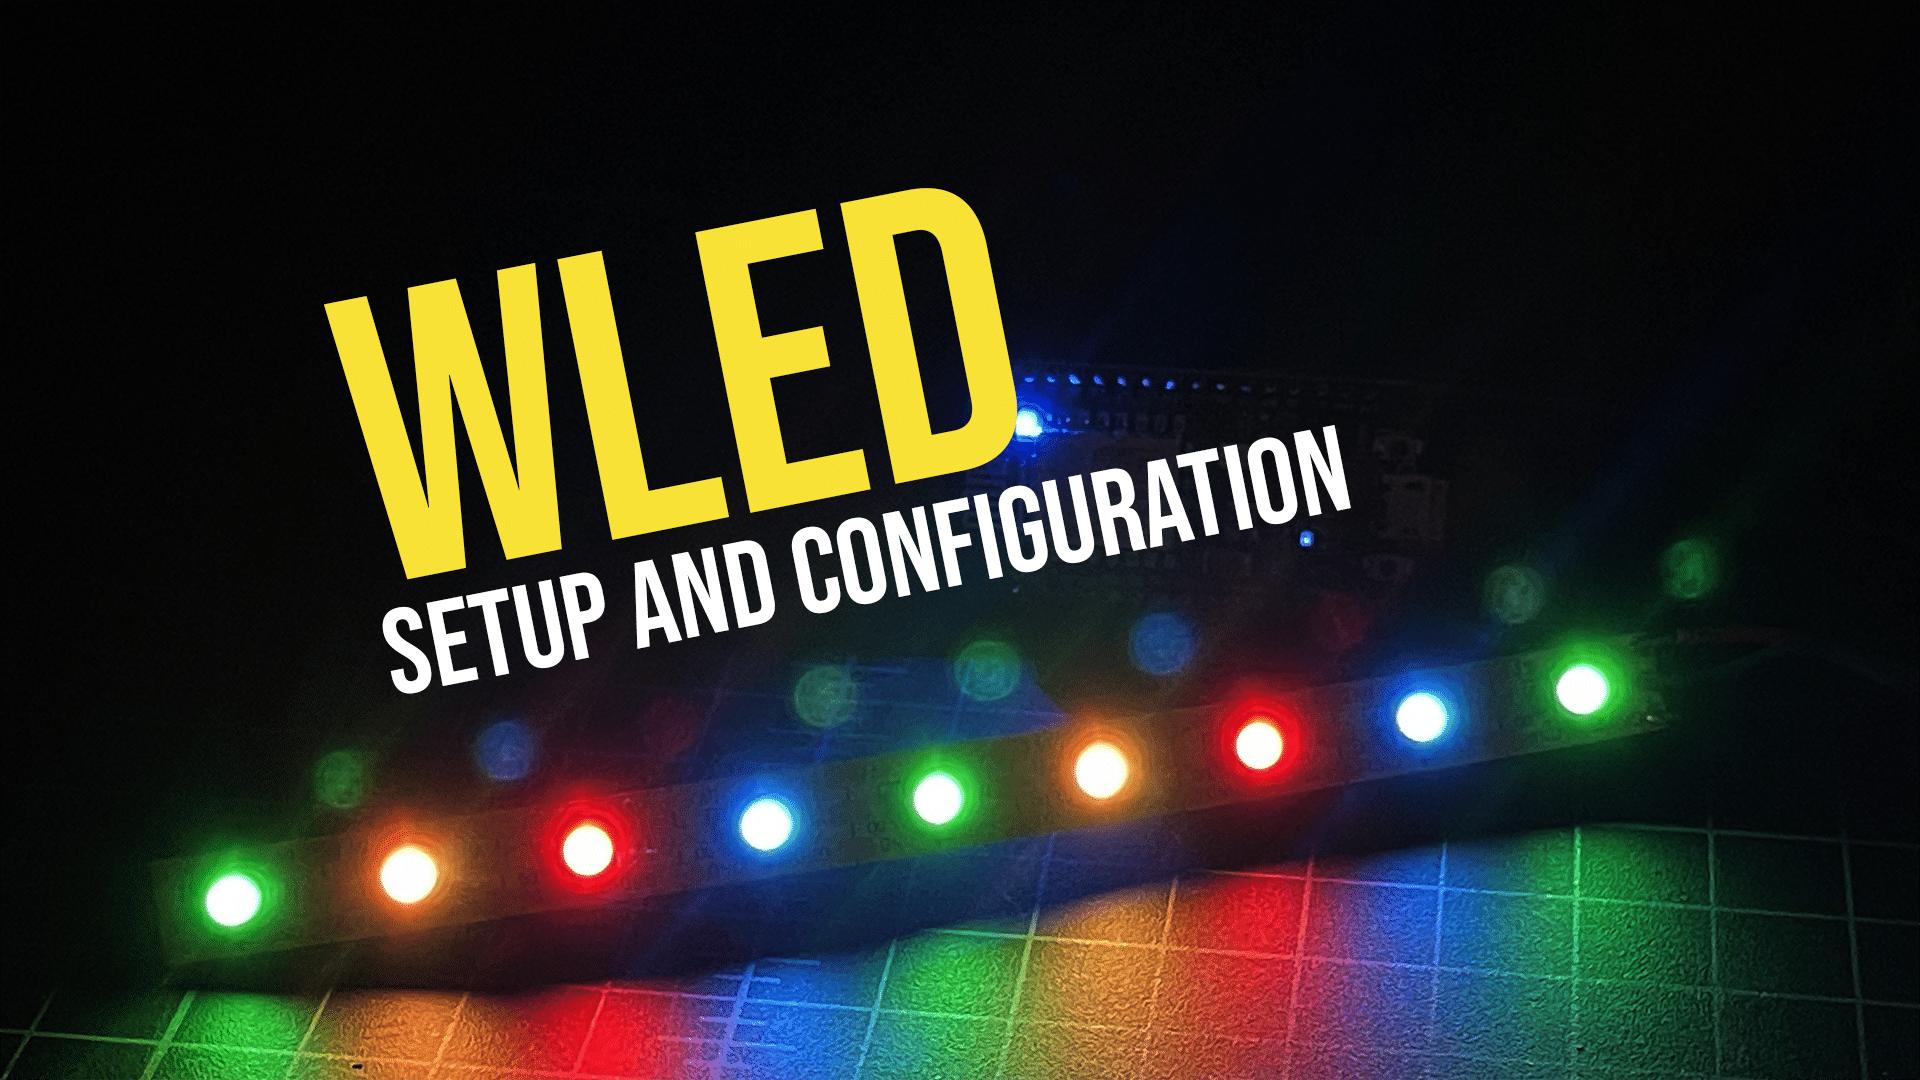 WLED Setup and Configuration